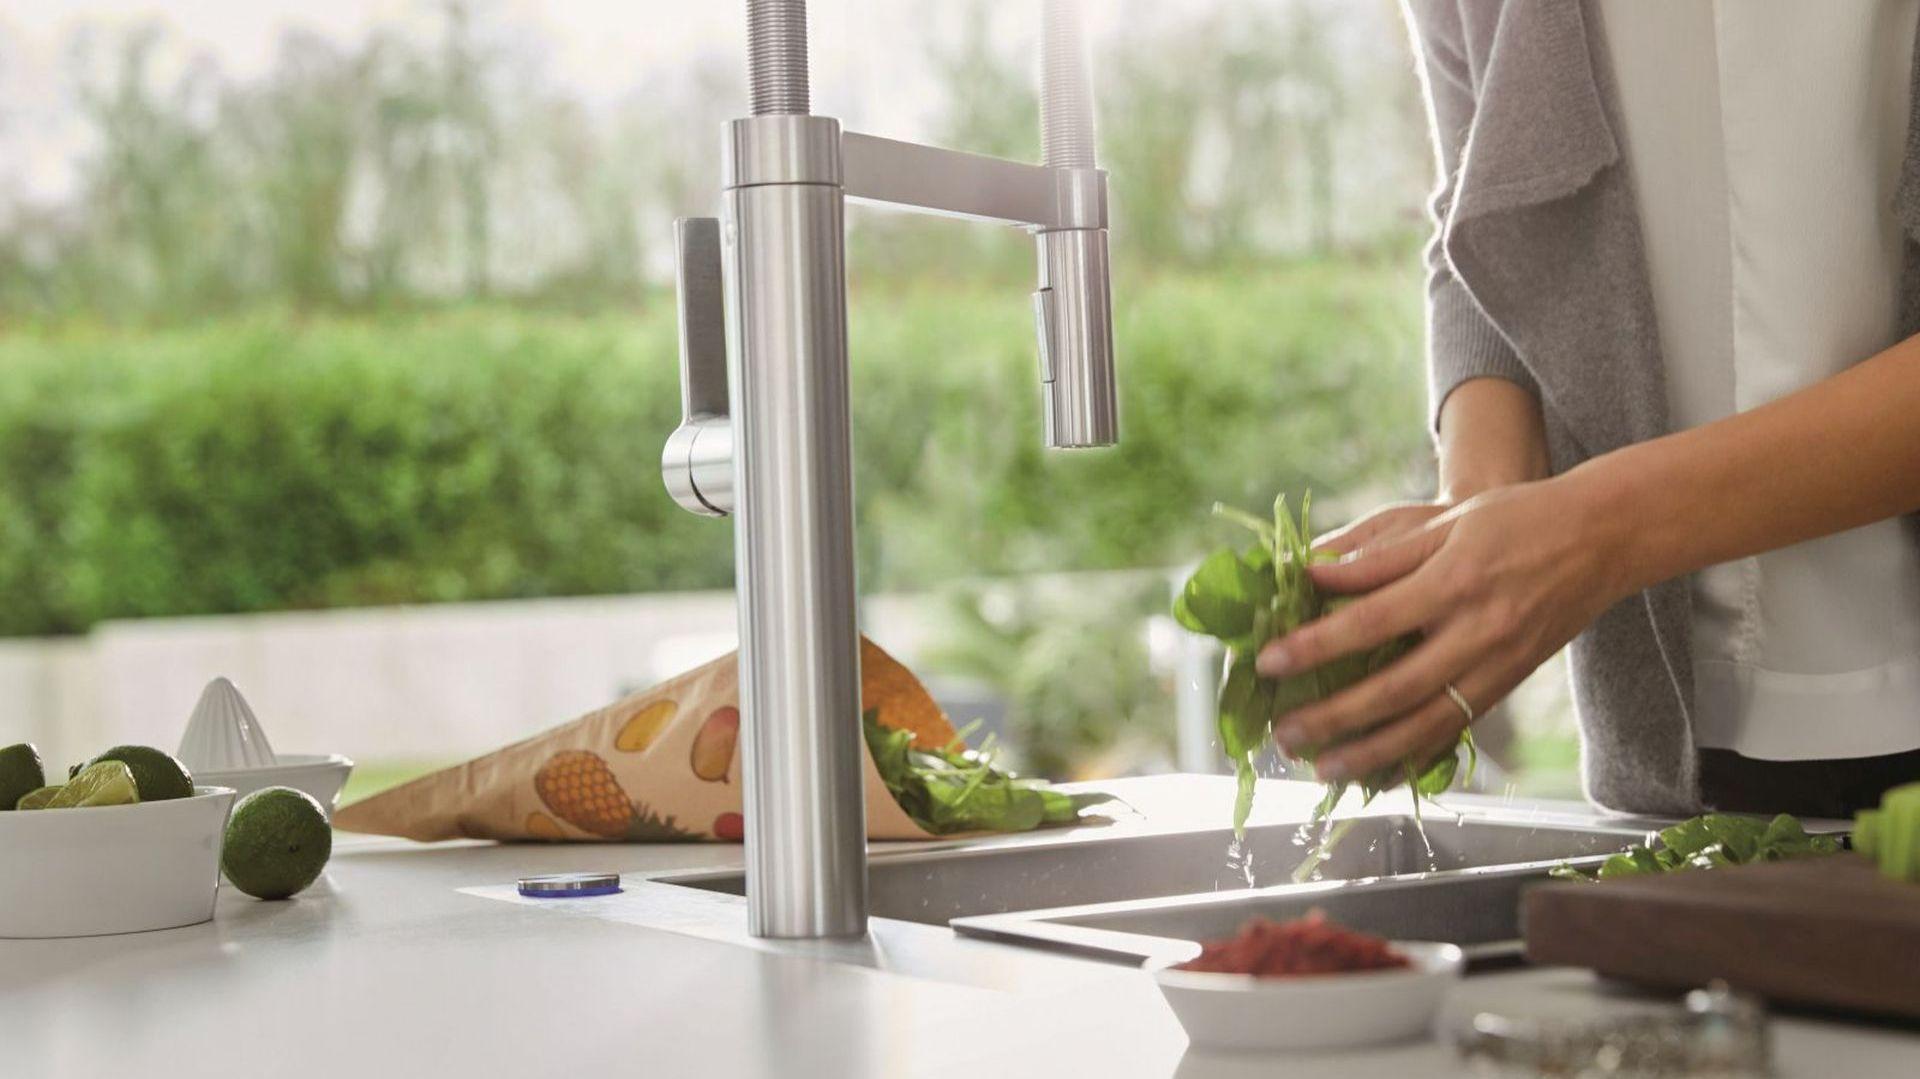 Nowoczesne, uruchamiane bezdotykowo baterie kuchenne znacznie ułatwiają codzienne przygotowywanie posiłków. Fot. Comitor